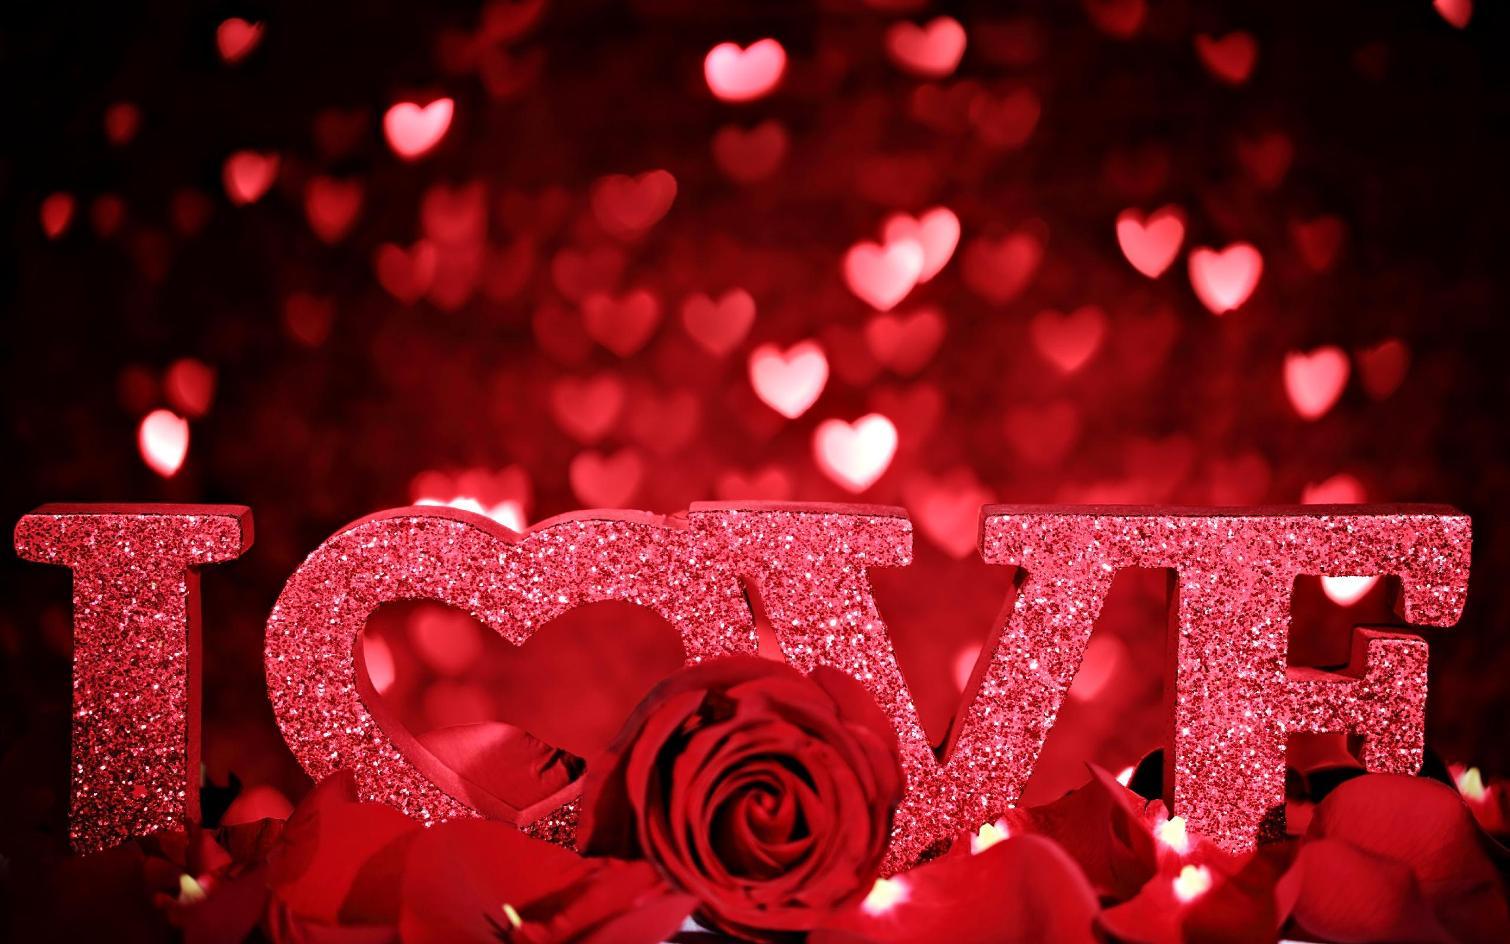 Red Rose Loves - Red Rose Loves